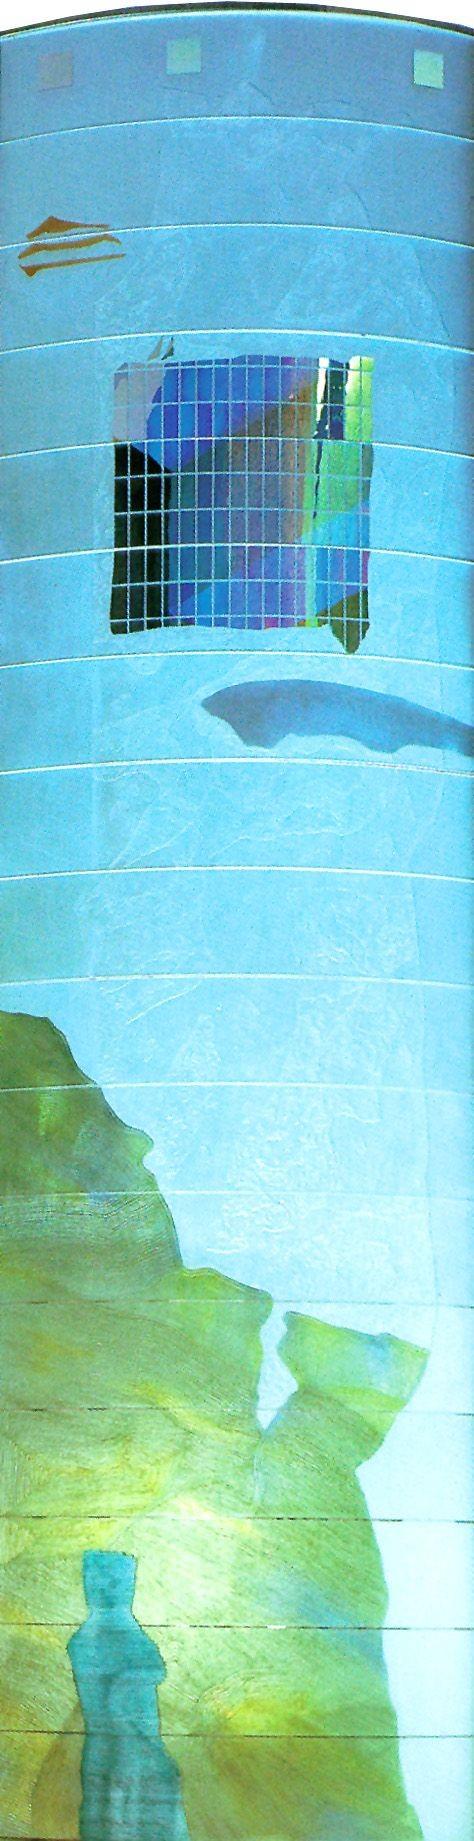 屏风图片材质素材图片【743】